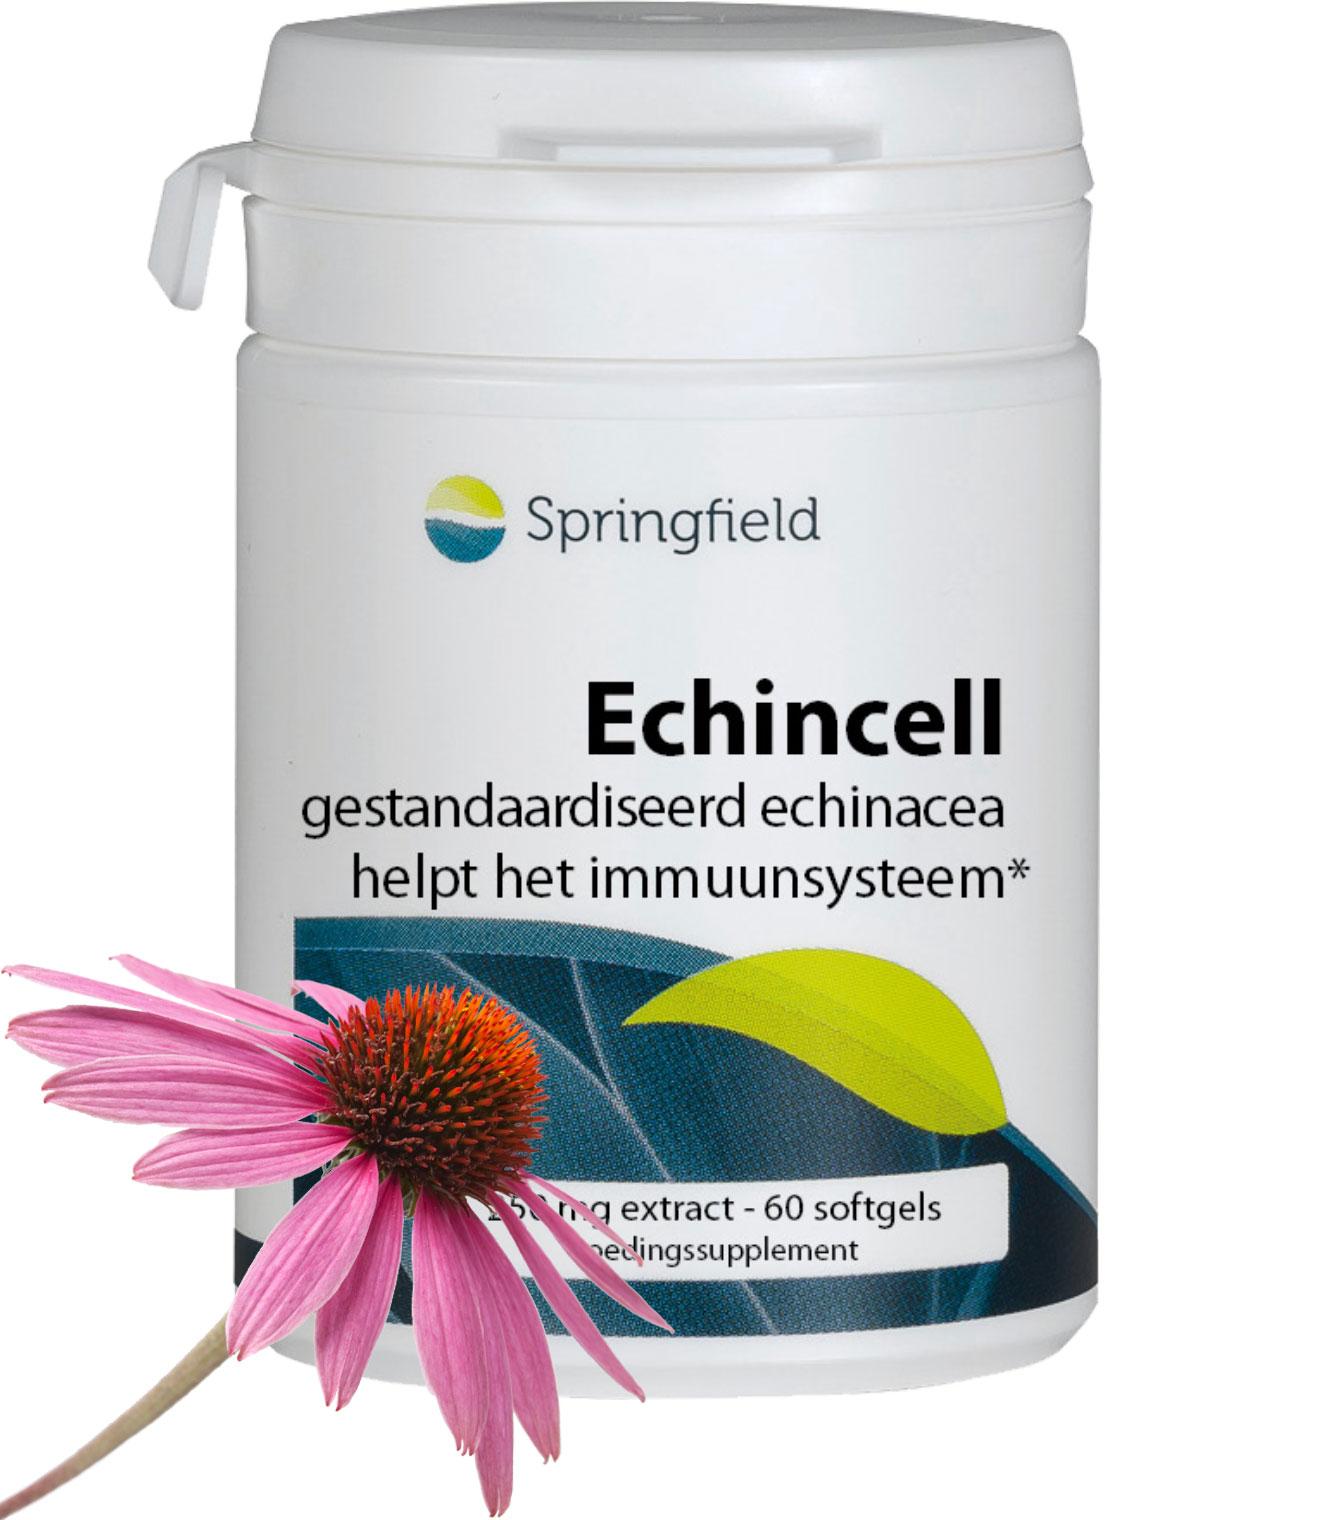 Echincell 3-voudig gestandaardiseerd echinacea helpt het immuunsysteem